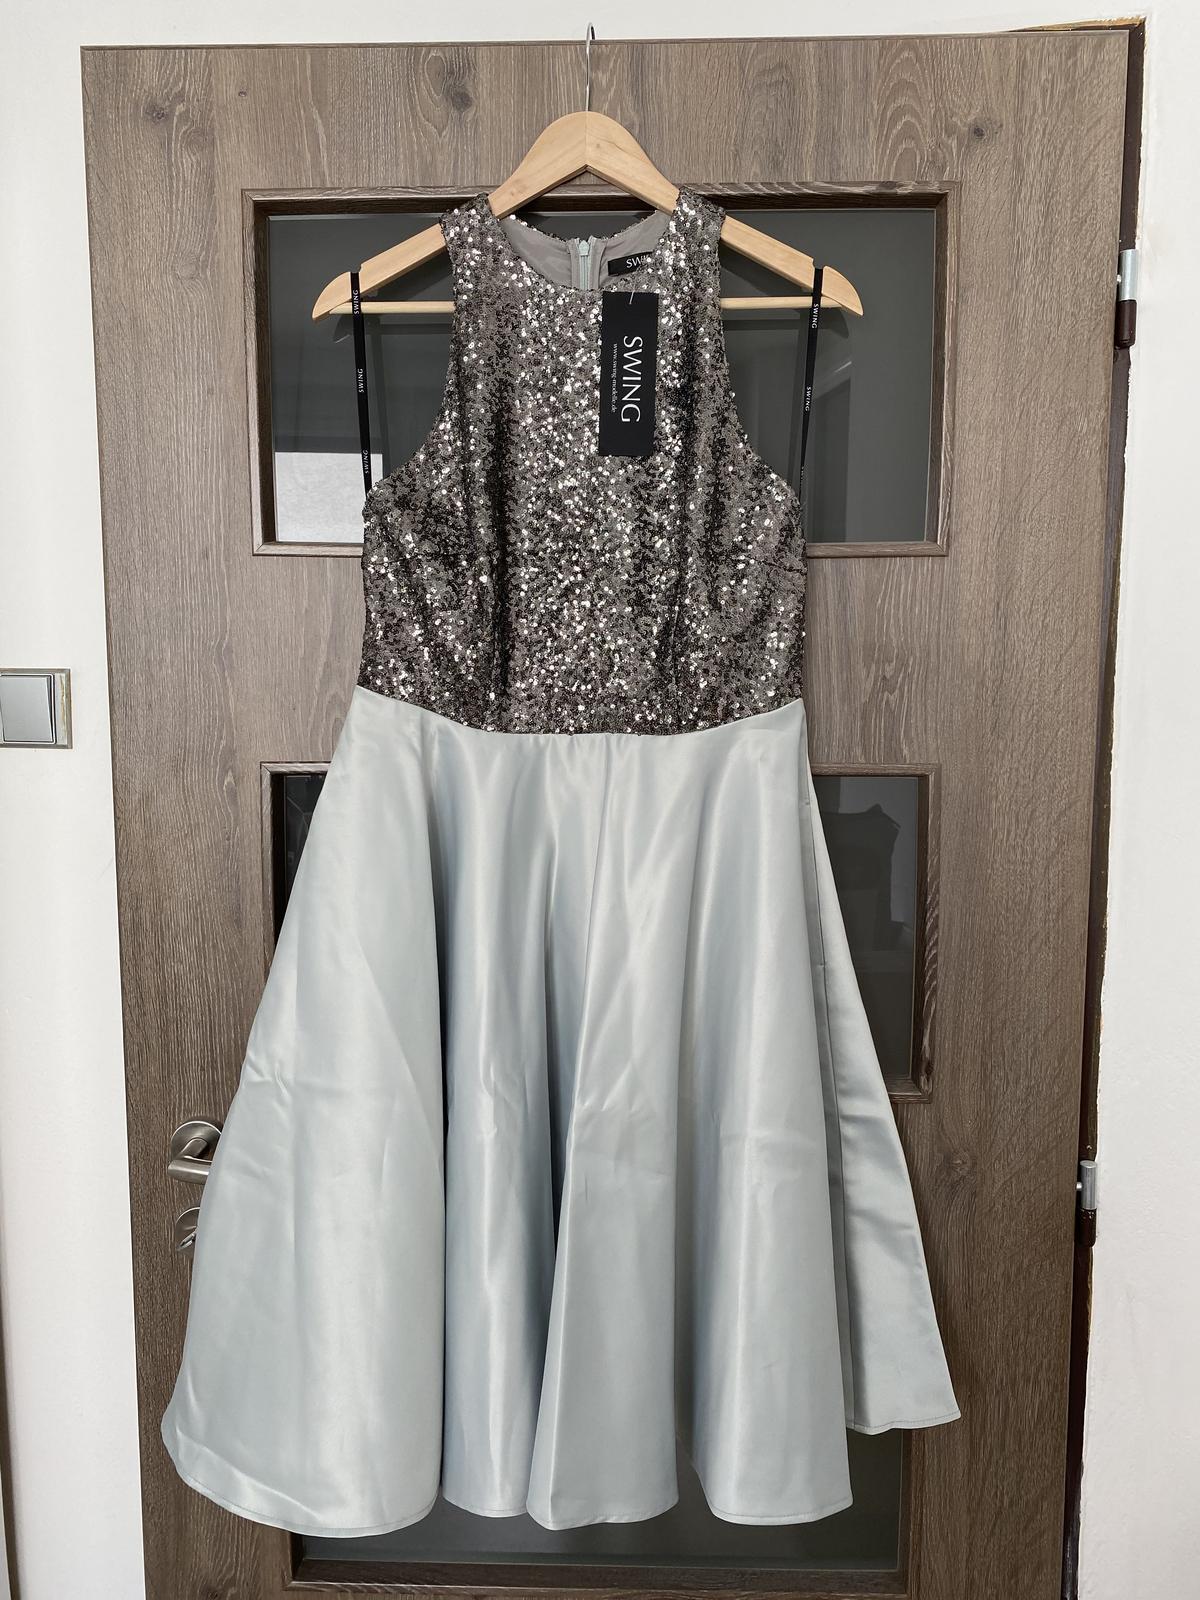 NOVÉ popolnočné šaty s flitrami (veľ. 40) - Obrázok č. 3